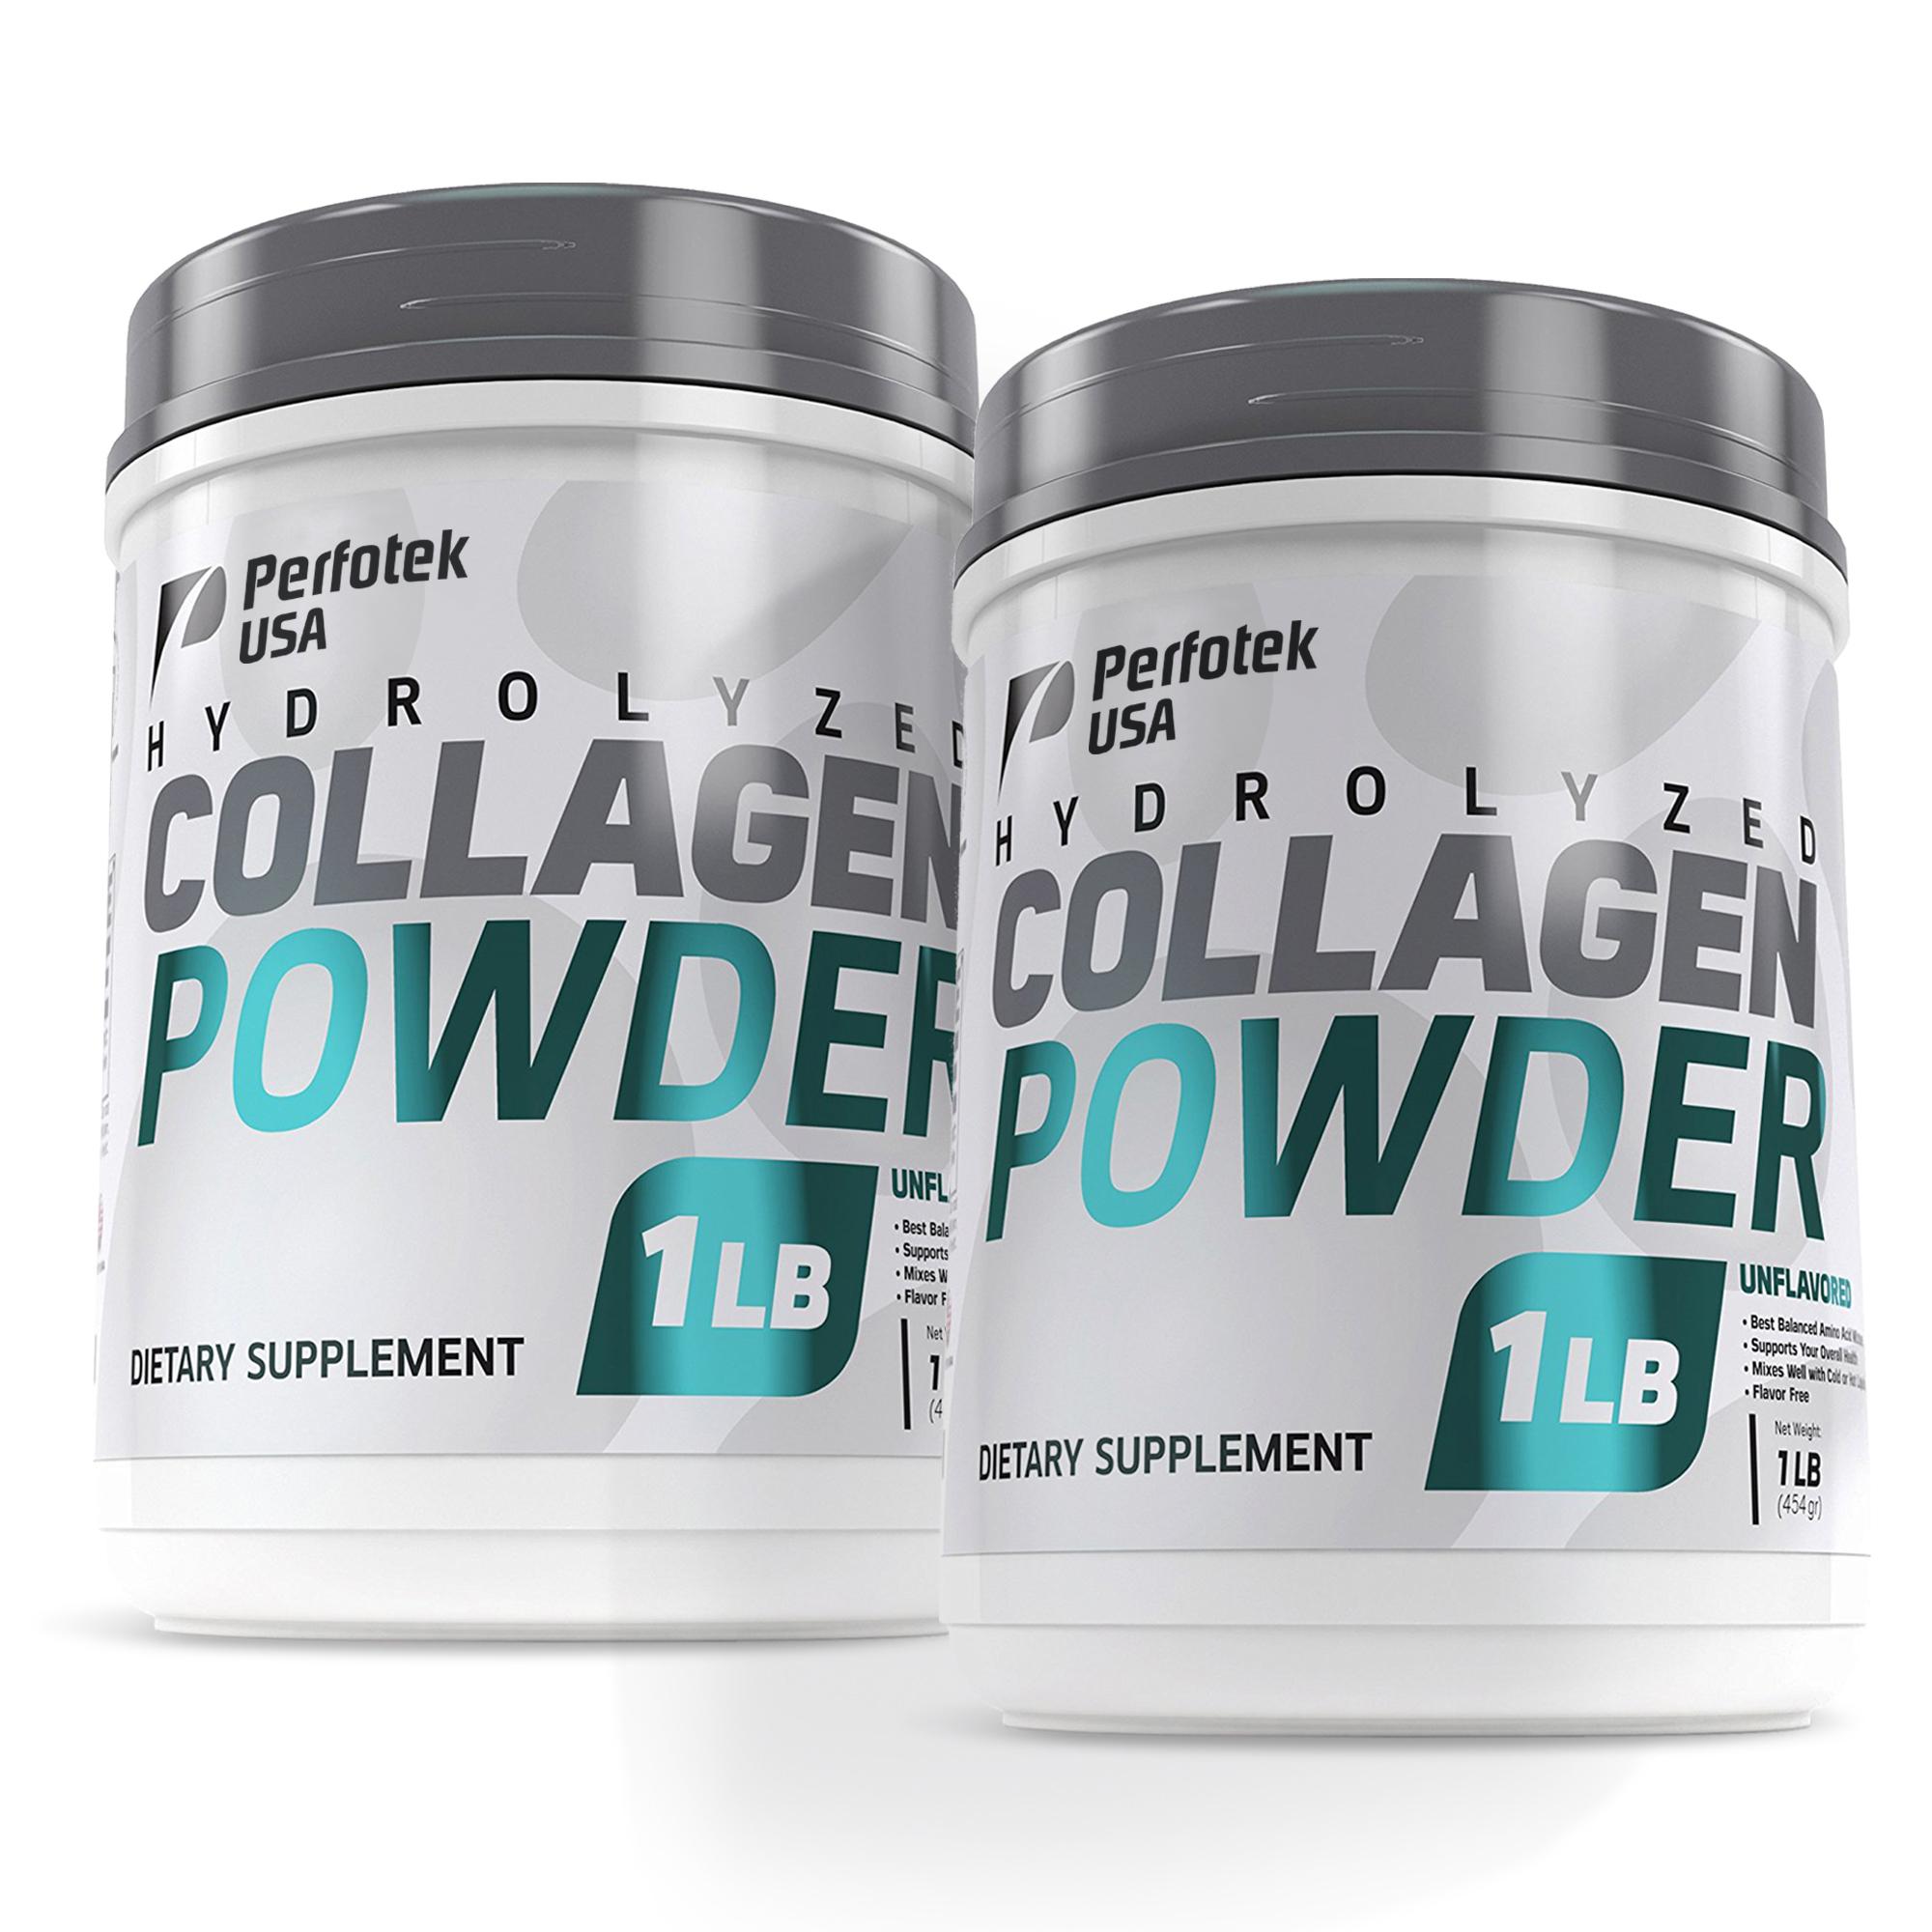 2 Pack Perfotek USA Collagen Peptides Hydrolyzed Powder 16 oz Non-GMO Grass-Fed Gluten-Free Kosher Unflavored - Easy To Mix Drink - Premium Beef Collagen Powder 1 pound each